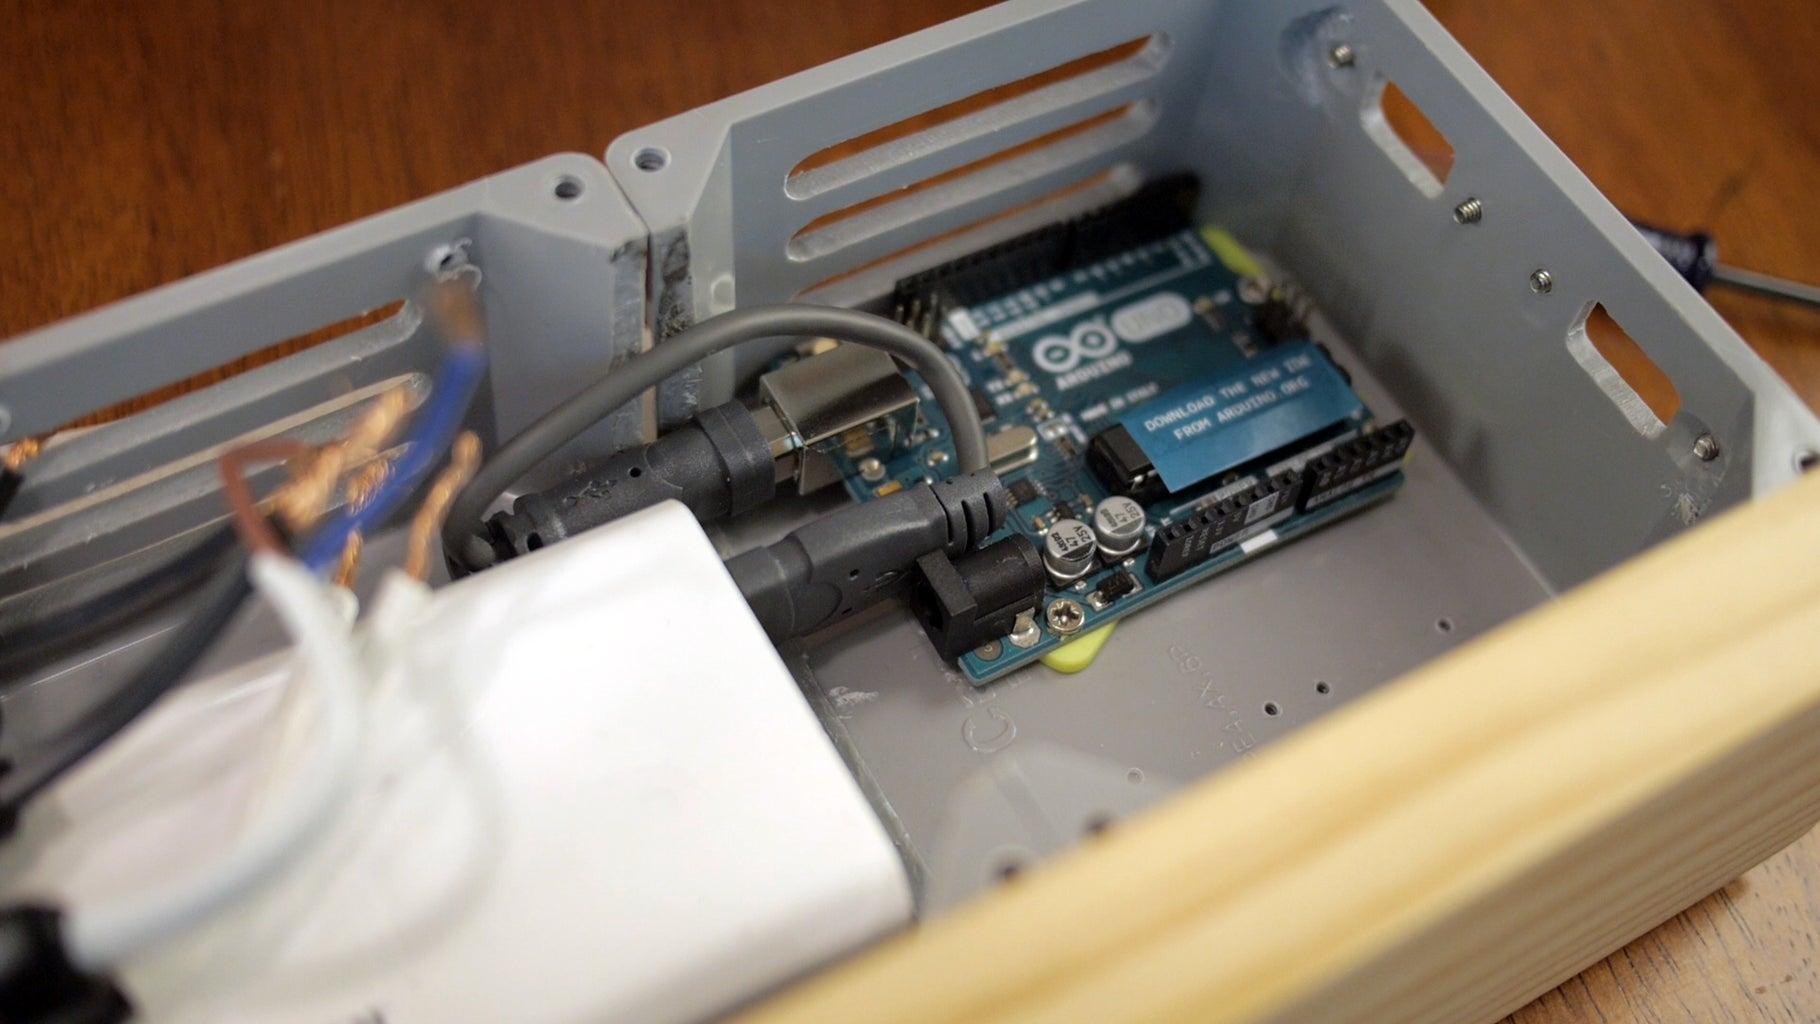 Mount Arduino in Enclosure